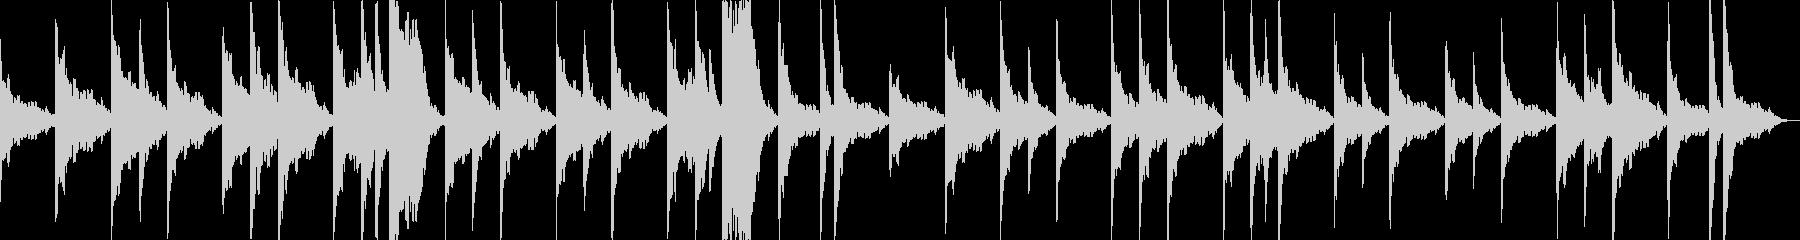 シタールの謎めいたお寺のBGMの未再生の波形